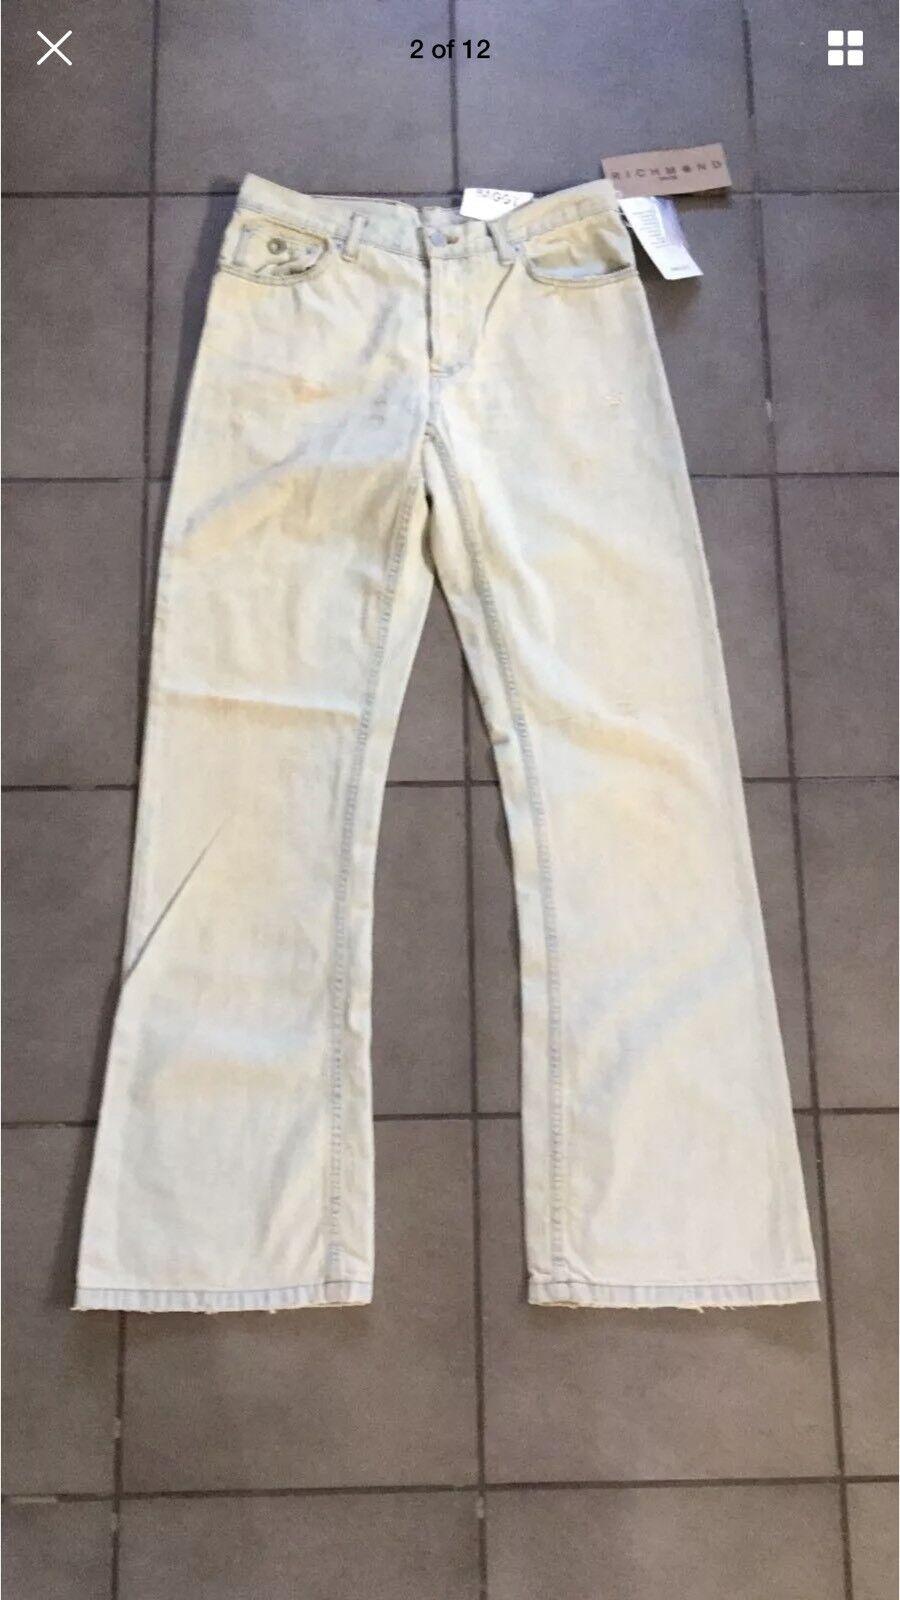 Richmond New  Men's Buttons Closure Jeans W32 L32 Size 27